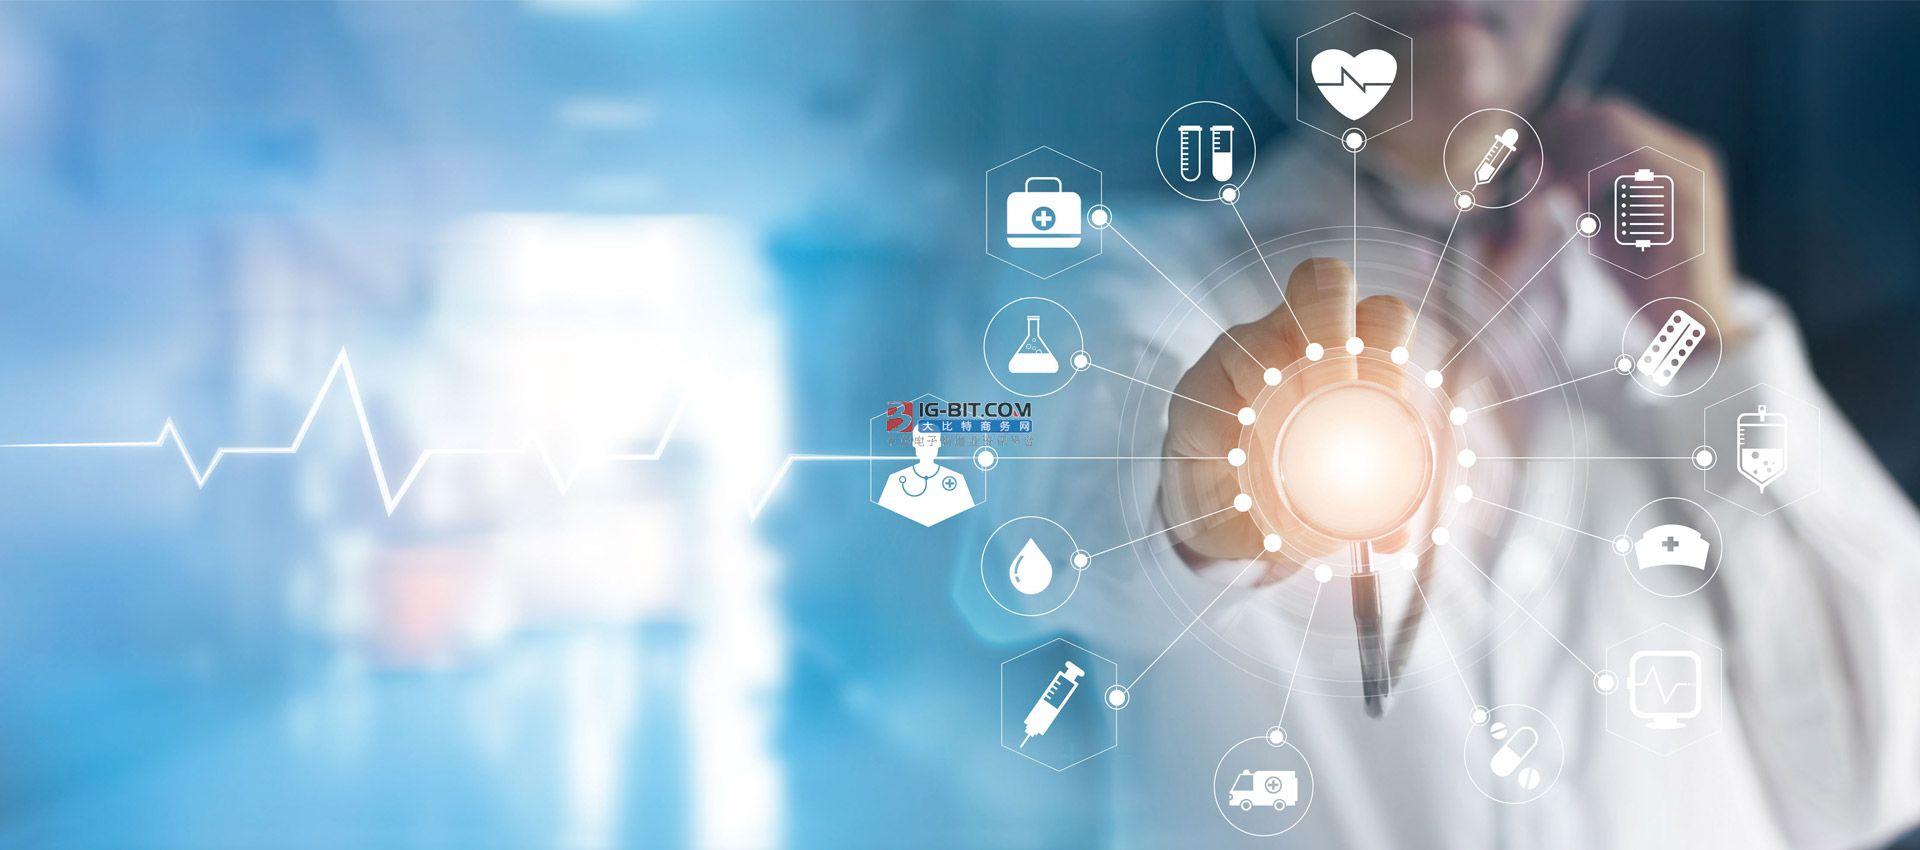 智慧醫療越來越給力 不出無錫請國外專家問診